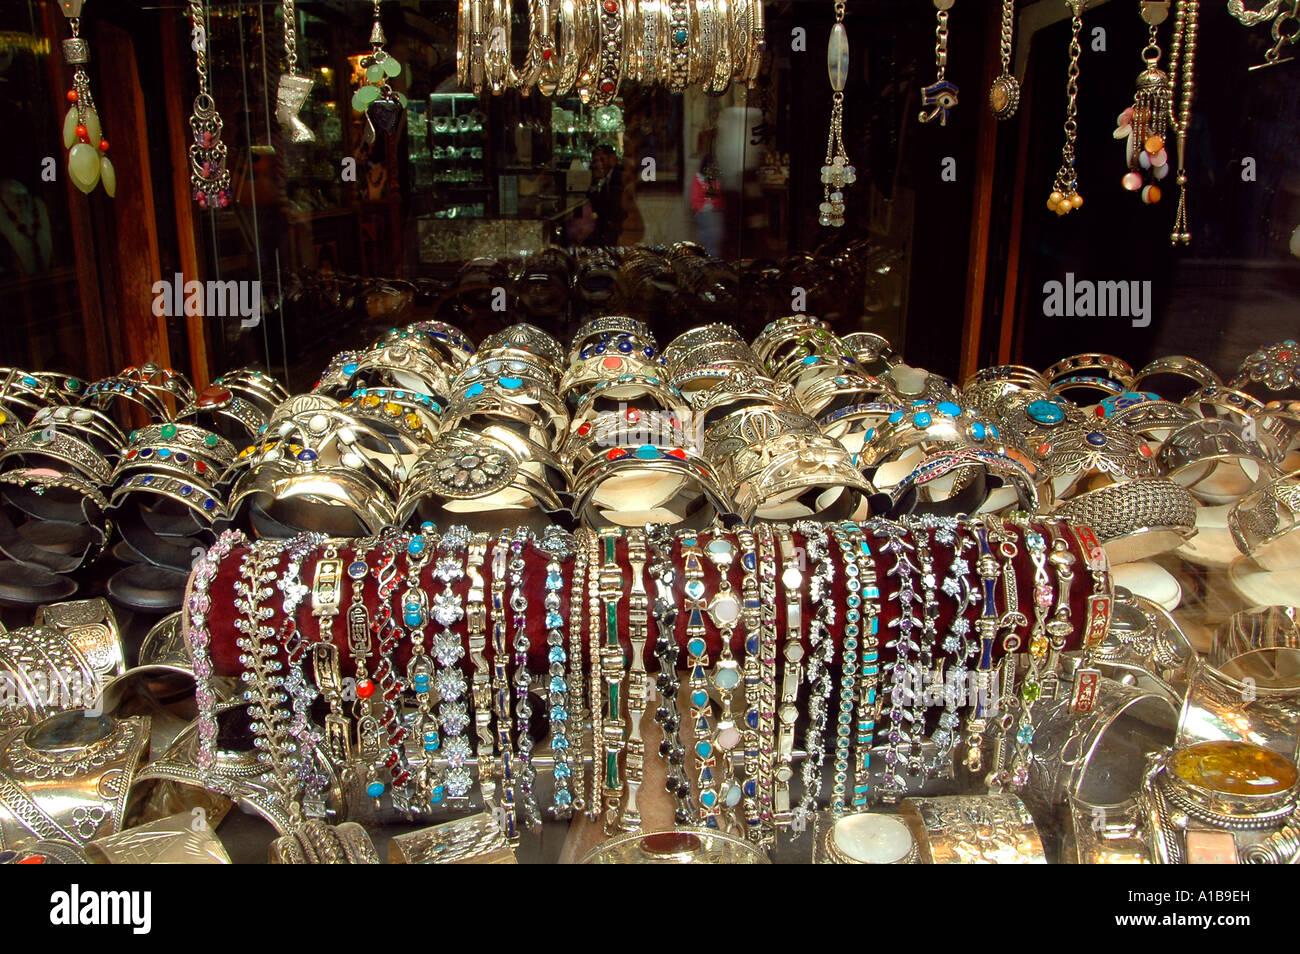 Artcraft for sale at khan el khalili bazaar old city of Cairo shop